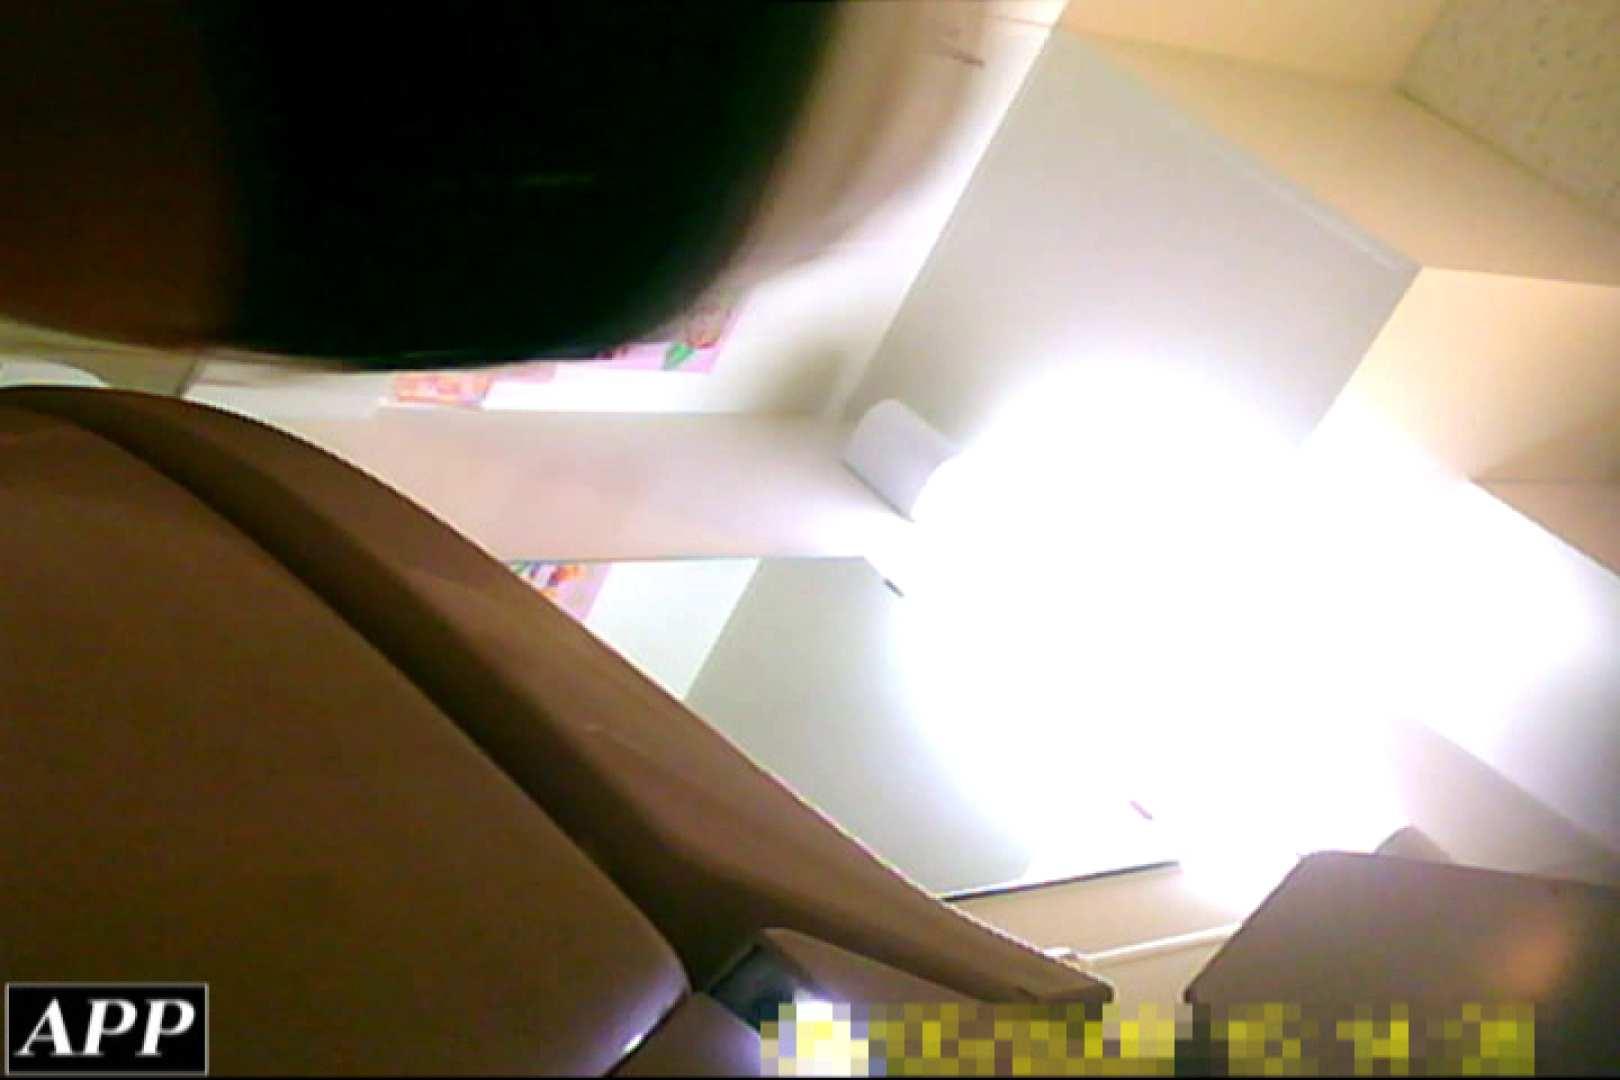 3視点洗面所 vol.115 肛門特集 AV動画キャプチャ 92pic 55